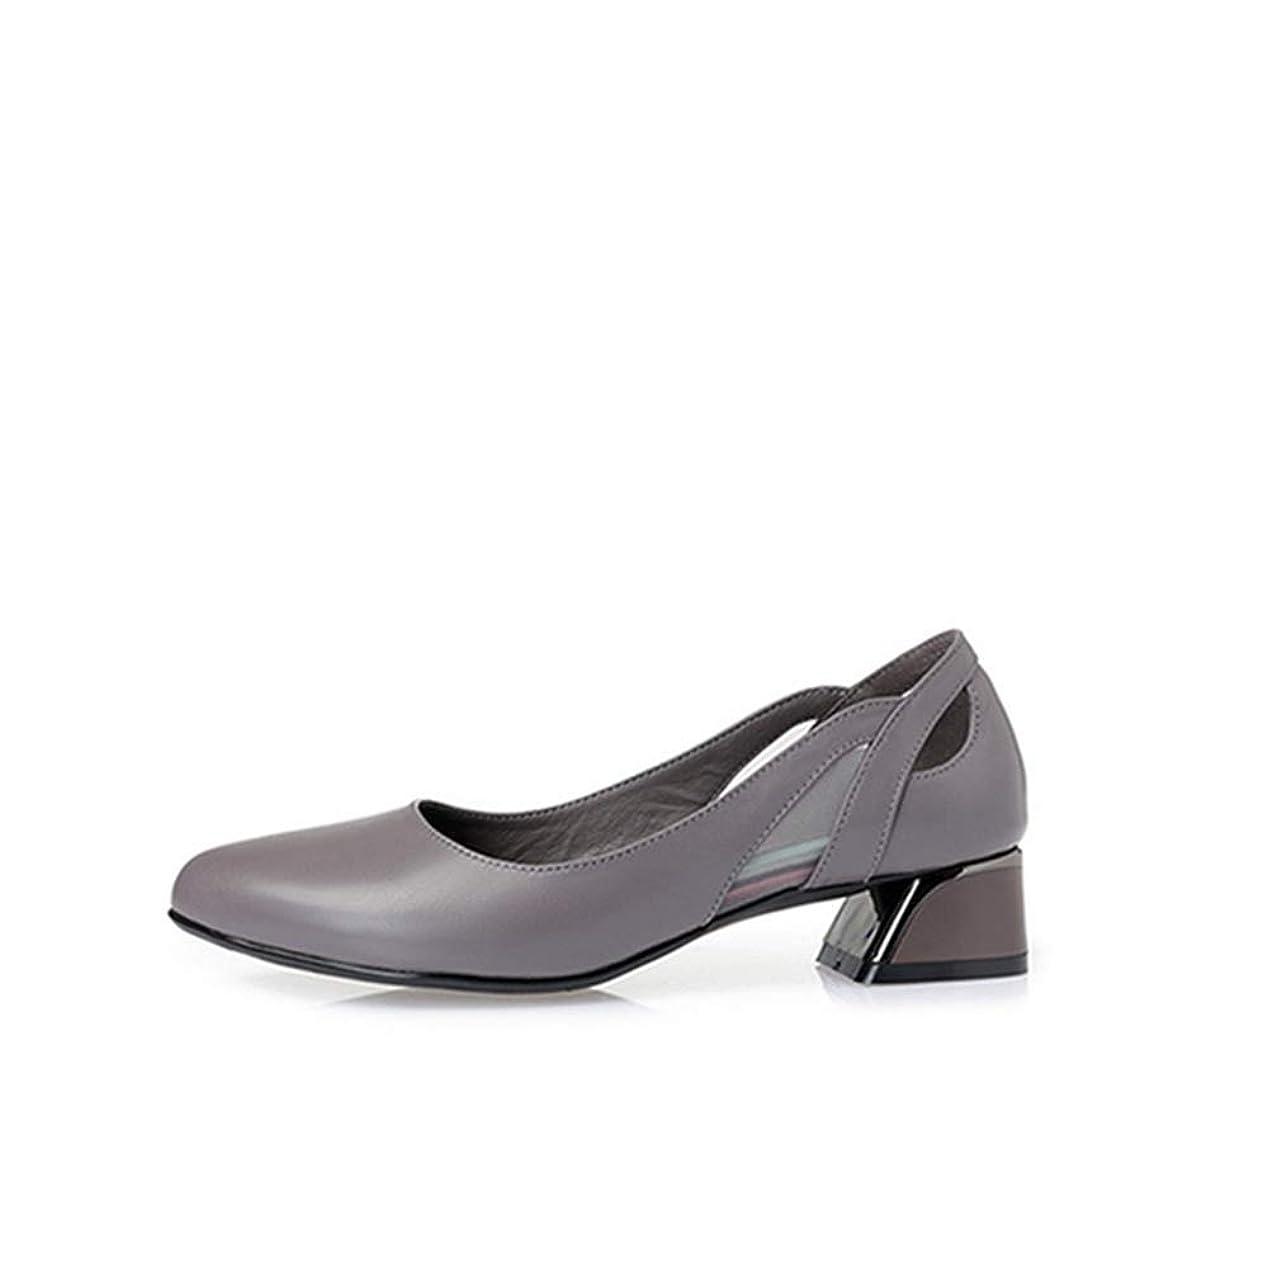 バンヤギ光沢[OceanMap] 女靴 通勤 オフィス レディースシューズ シンプル お仕事 歩きやすい 痛くない 軽量 カジュアル おしゃれ ファッション 大きいサイズ 作業靴 ビジネス 疲れない パンプス ソフト防滑